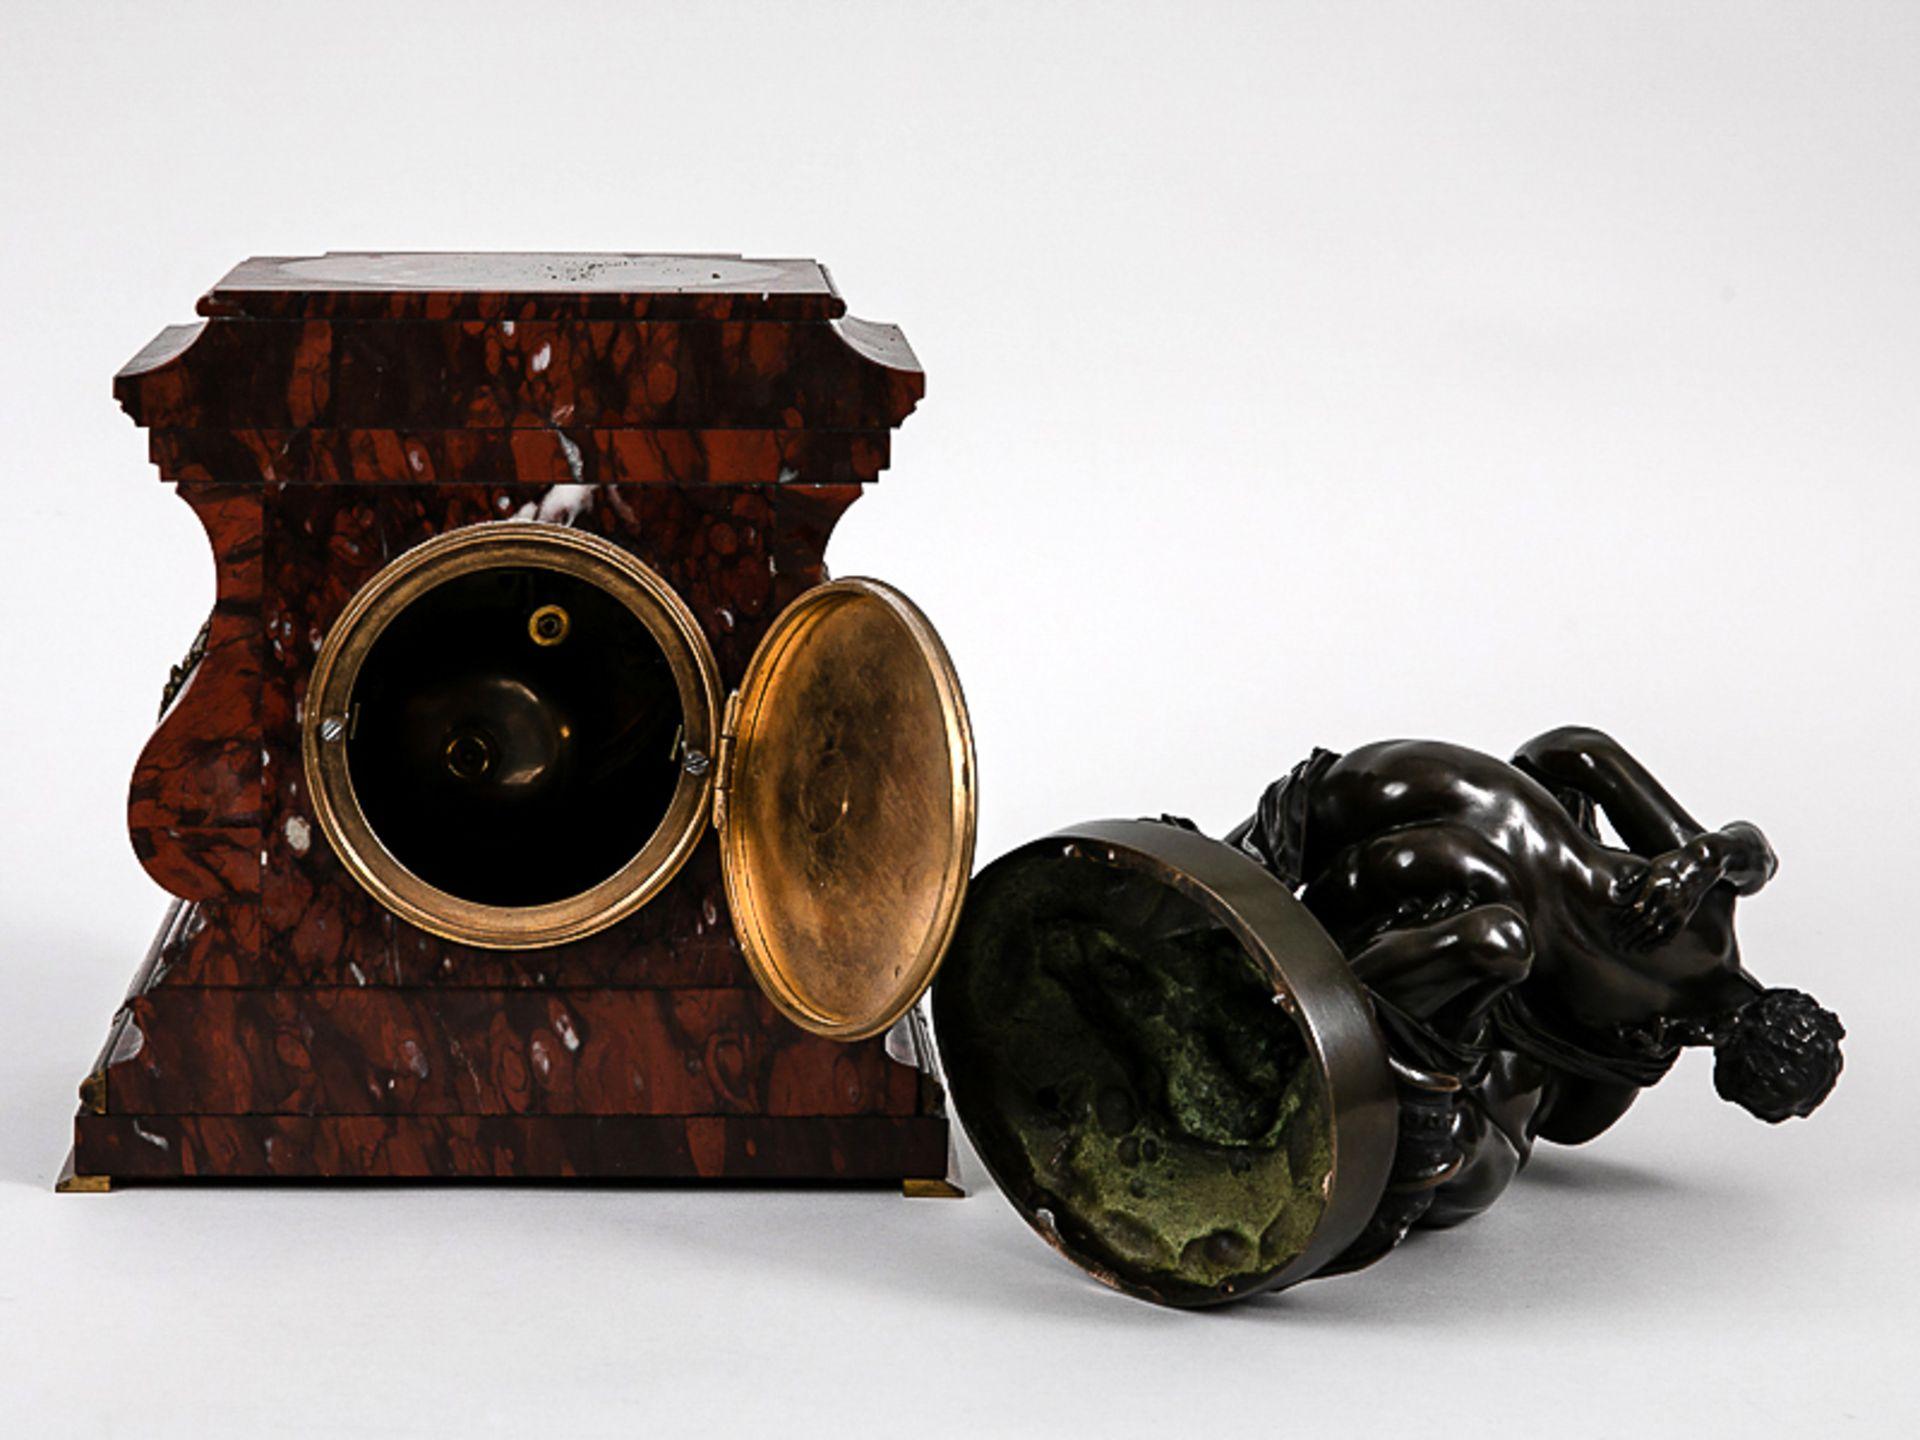 Kaminuhr mit Bronzegruppe, H. Jacquet & Fils/ Roblin, Paris, 2. Hälfte 19. Jh. Bronzeplastik i - Bild 7 aus 10